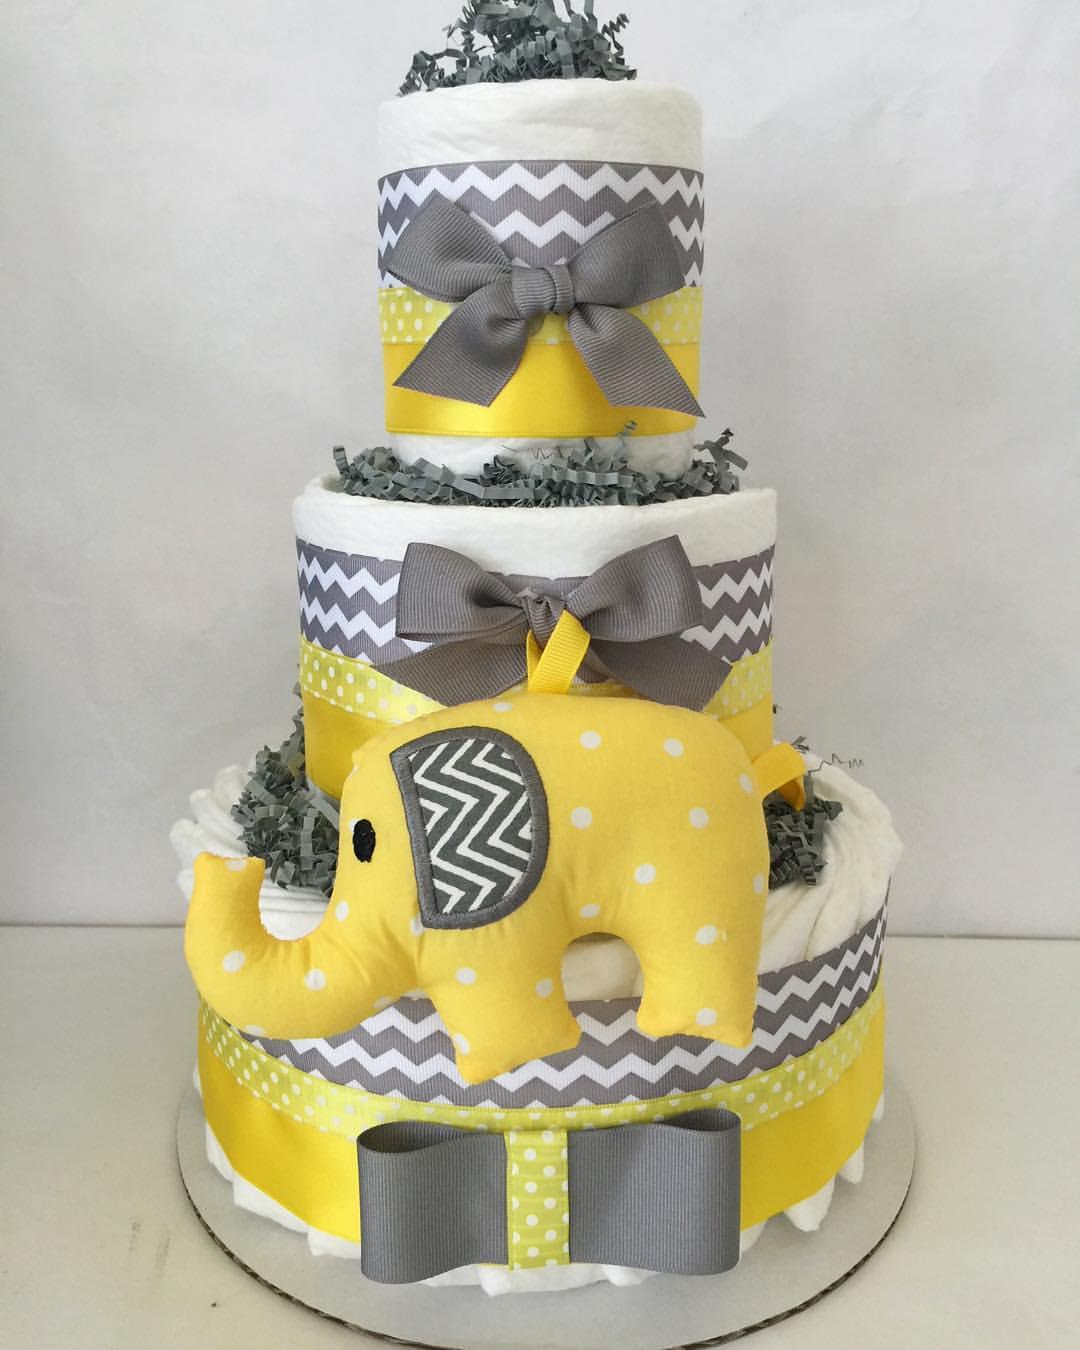 """Foto: Reprodução / <a href=""""https://www.instagram.com/p/BAfmKSqAC1n/"""" target=""""_blank"""">All diaper cakes</a>"""